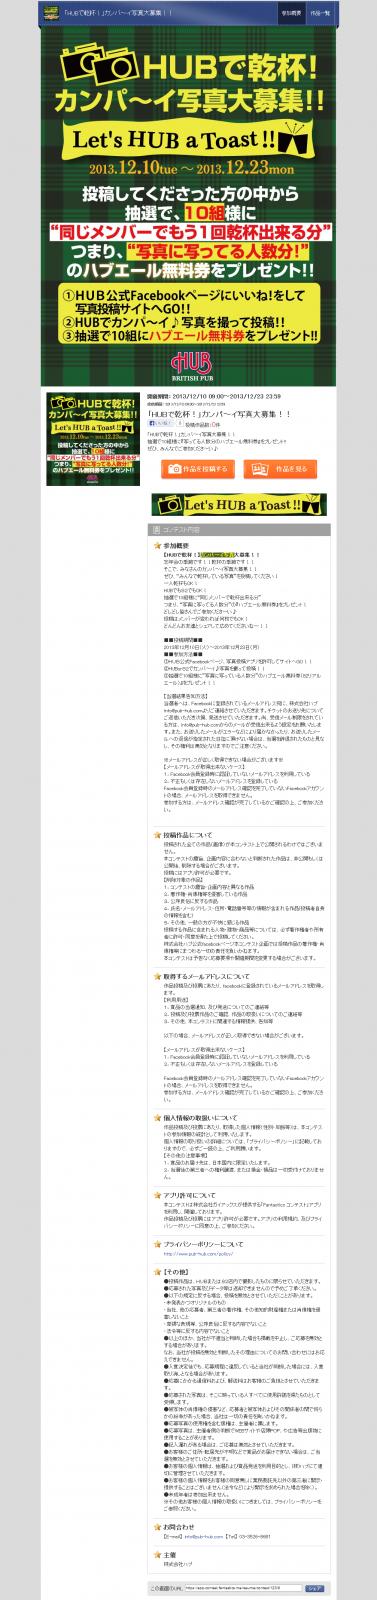 Fantastics 投稿コンテスト(株式会社ハブ様)